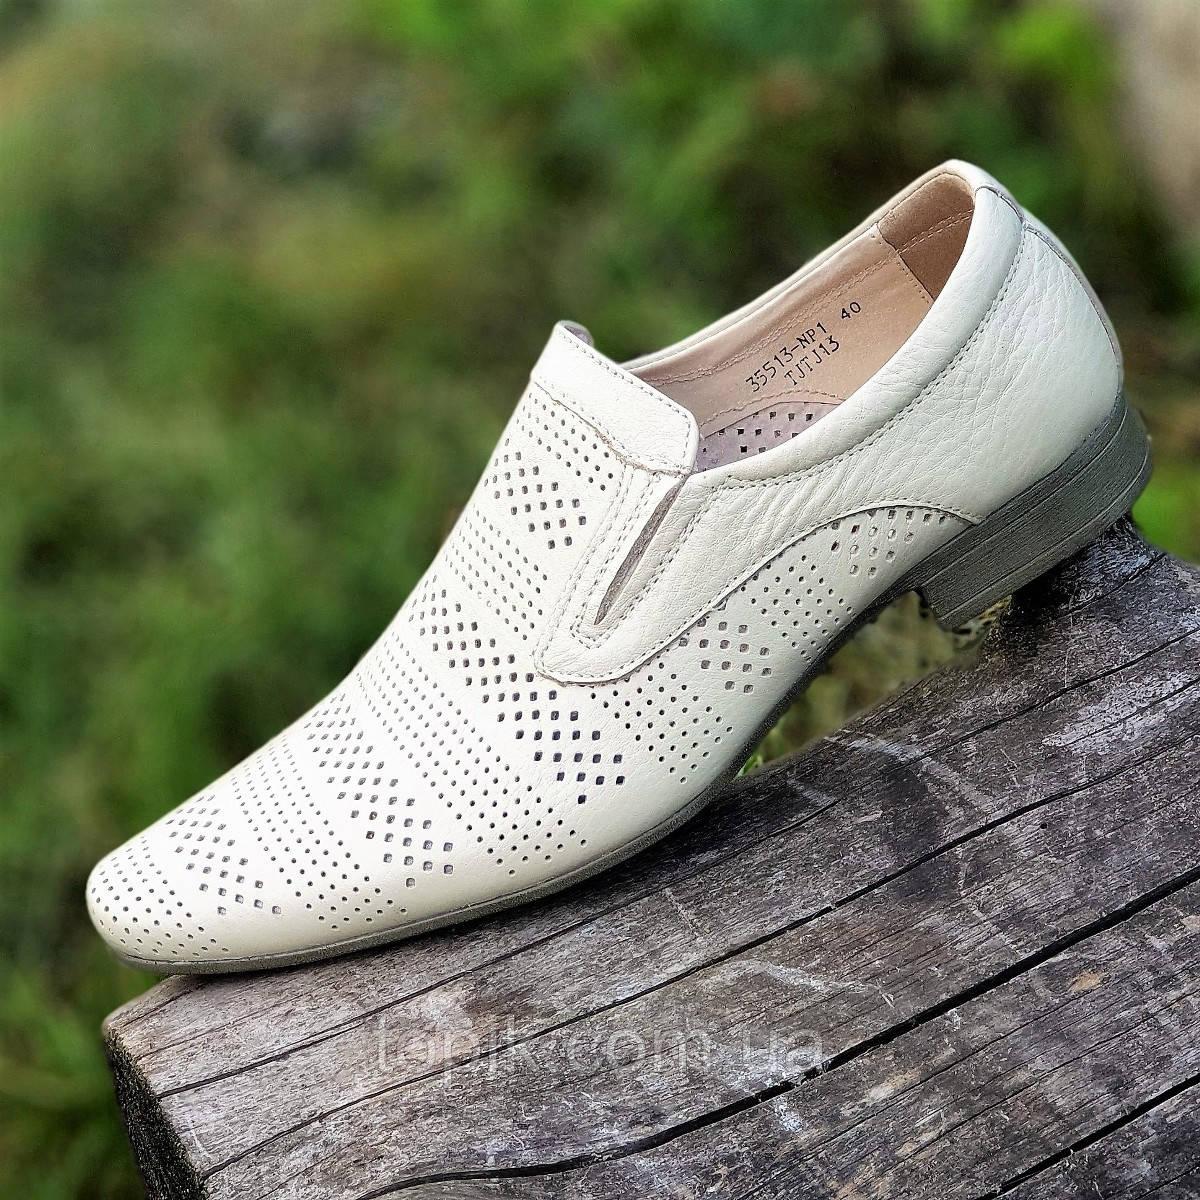 Мужские летние туфли кожаные классические модельные бежевые (Код: 1512)